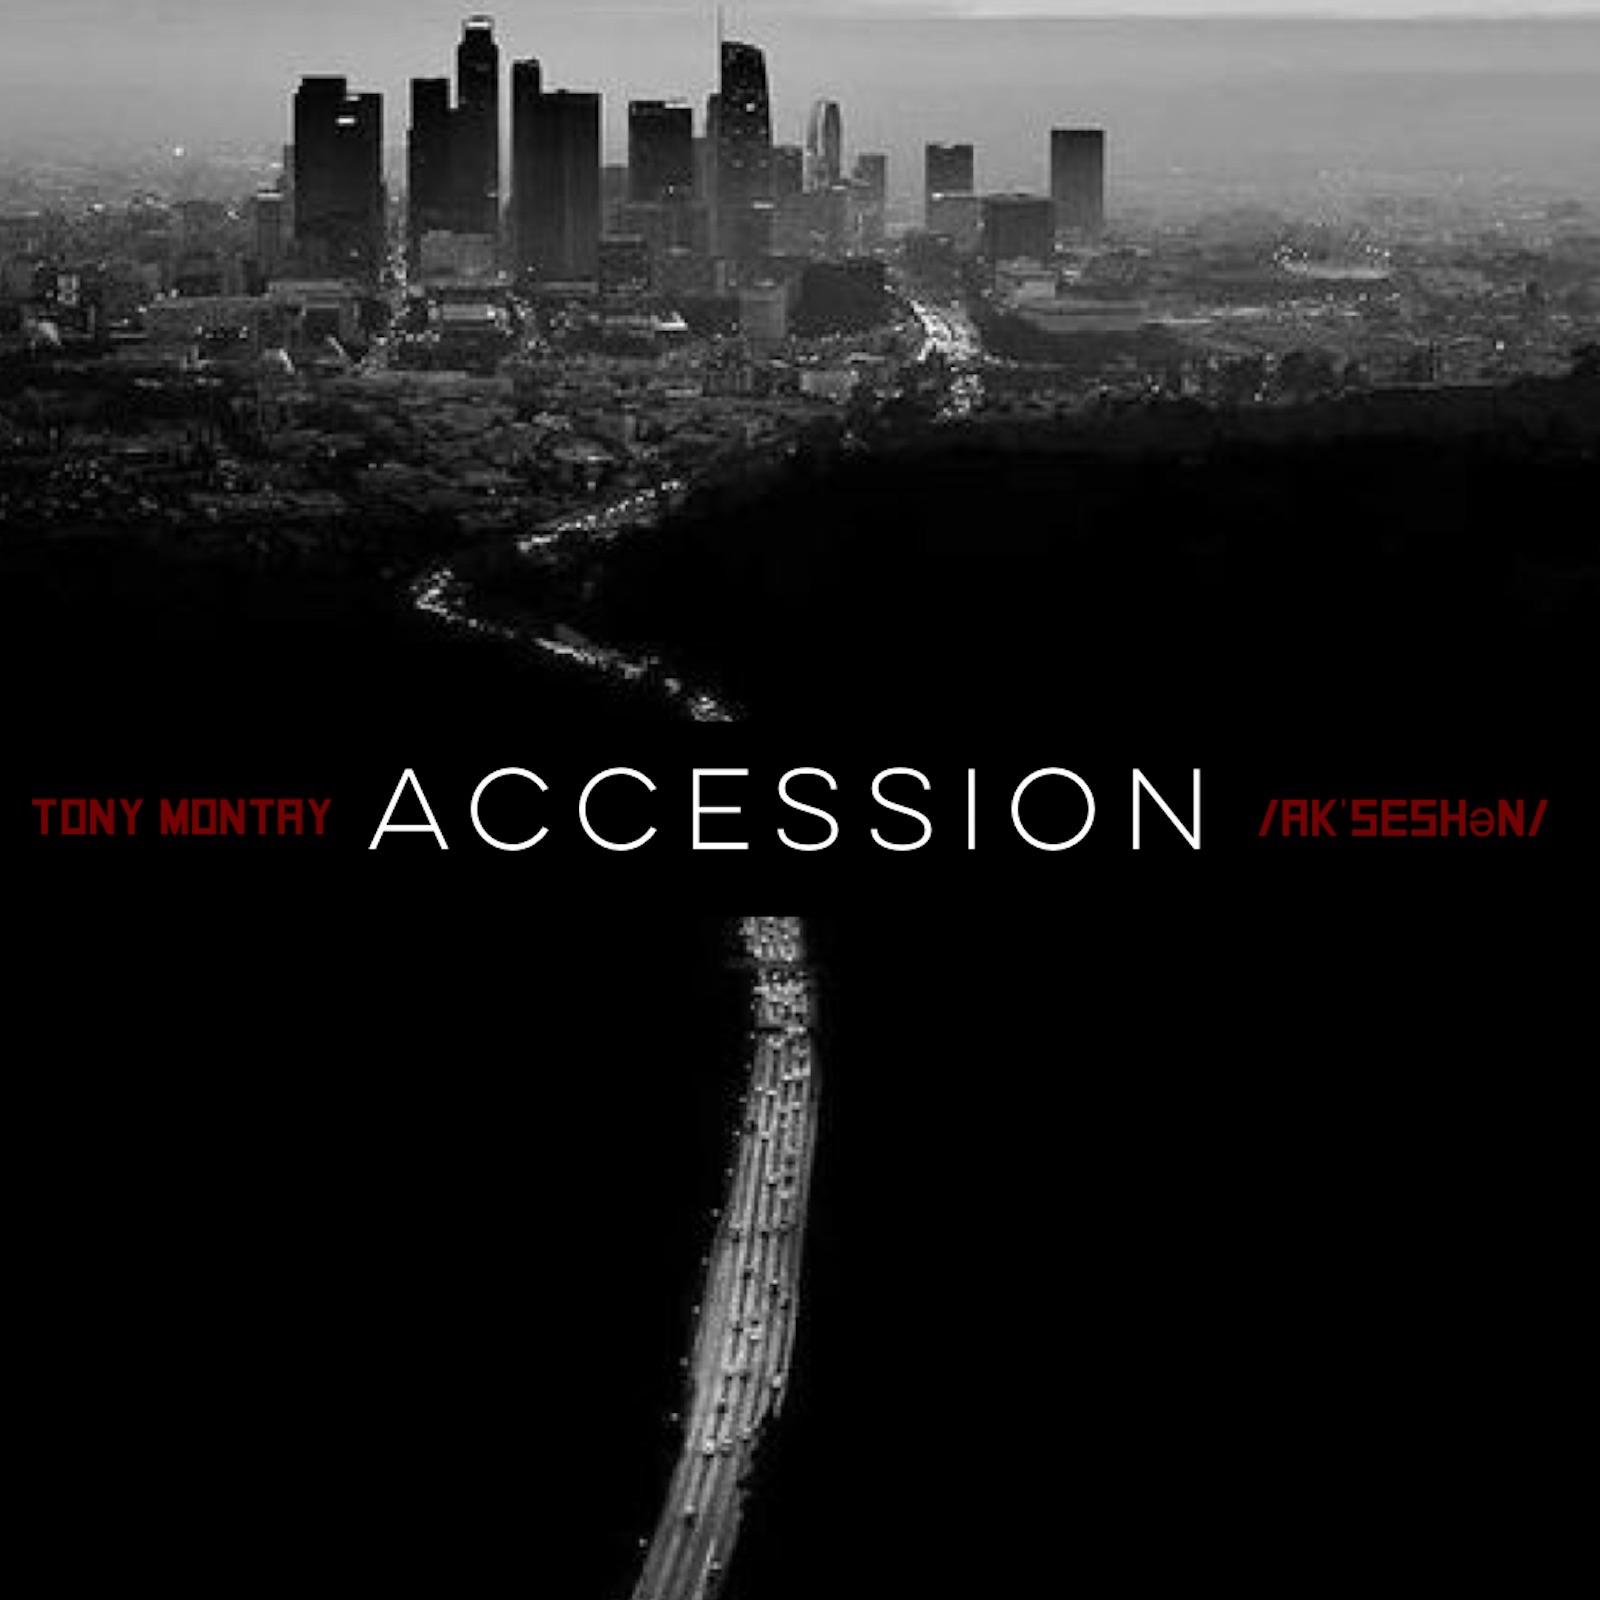 Accession - Single